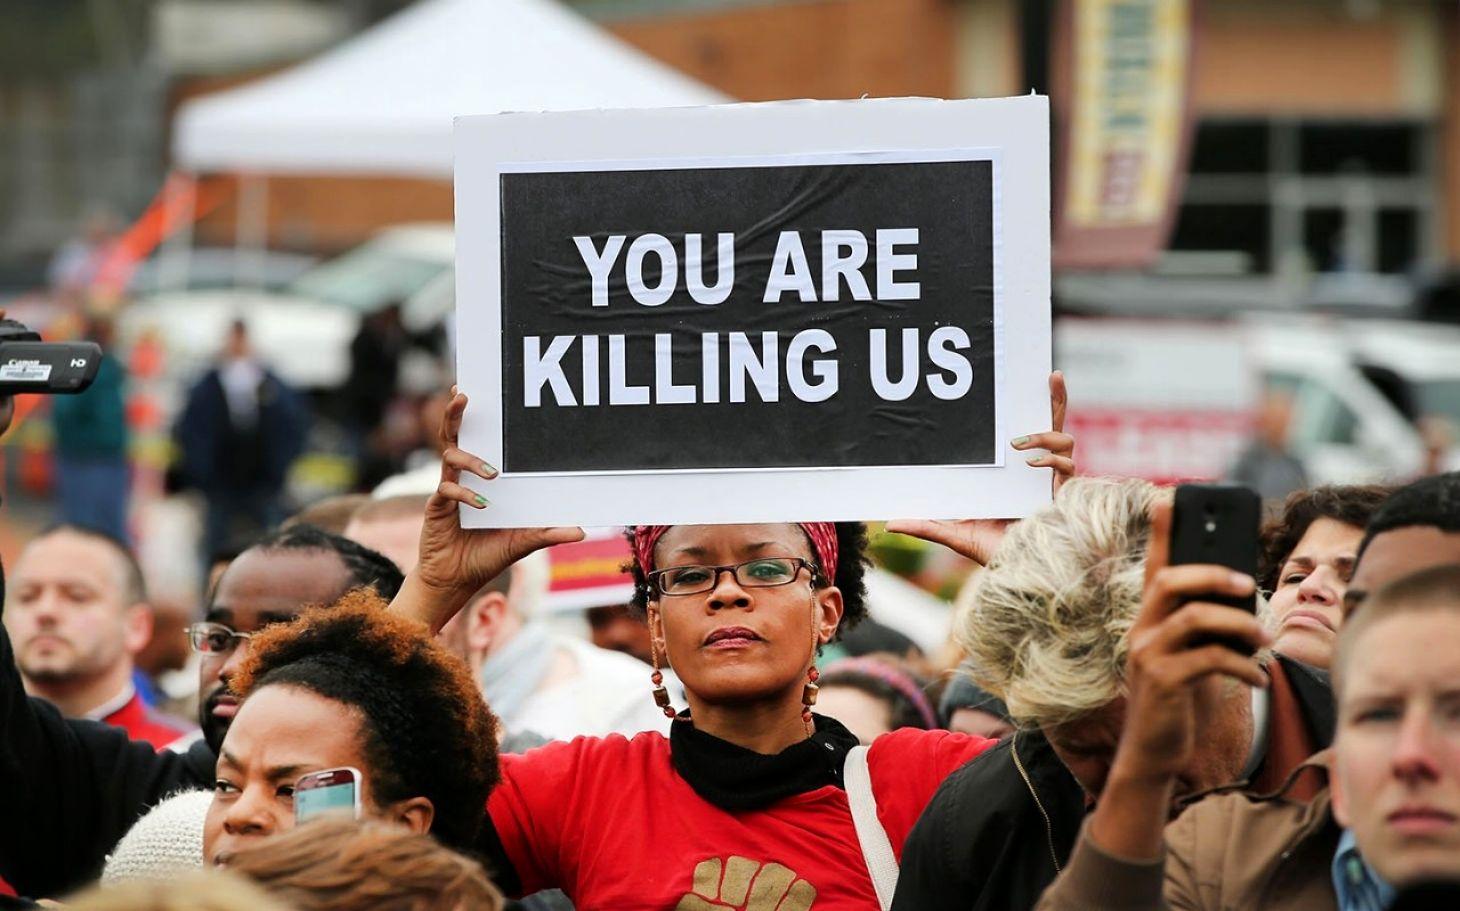 کشتار سیاهان به دست پلیس آمریکا اپیدمی ناتمام/به قتل رسیدن ۶۷ نفر از شهروندان سیاه پوست با شلیک مستقیم گلوله پلیس آمریکا